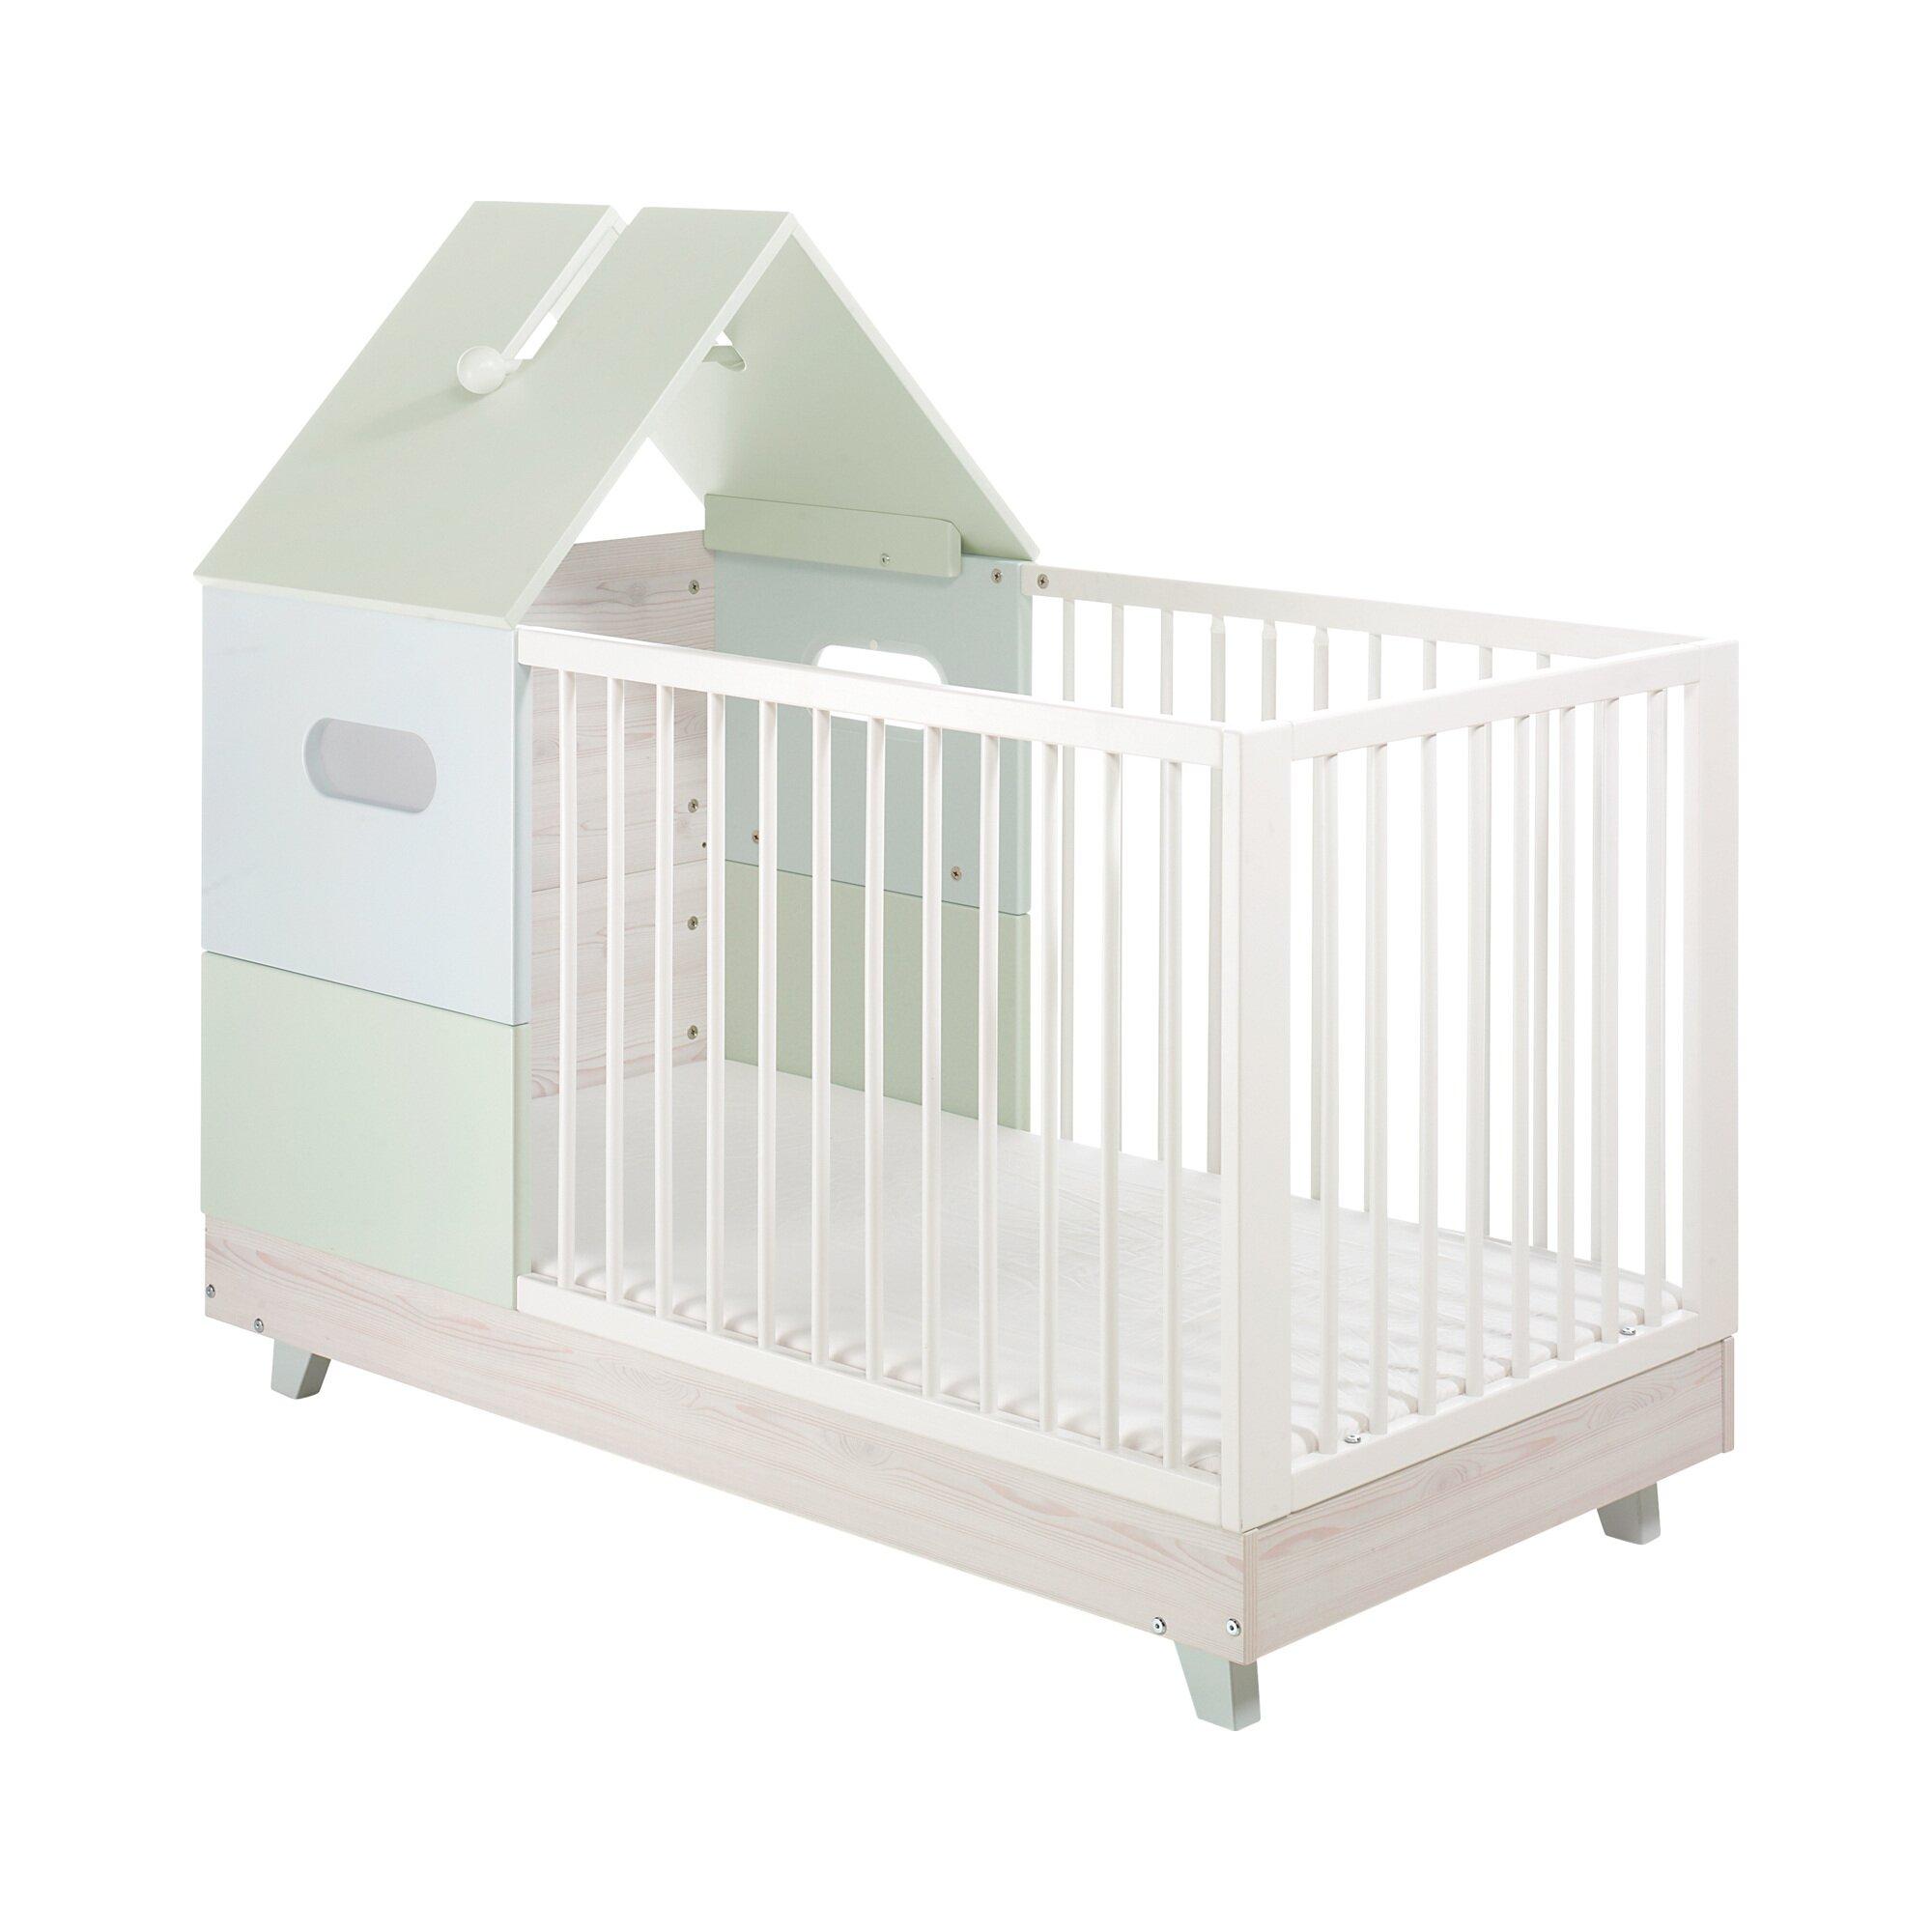 Geuther Dachelement für Babybett Momo